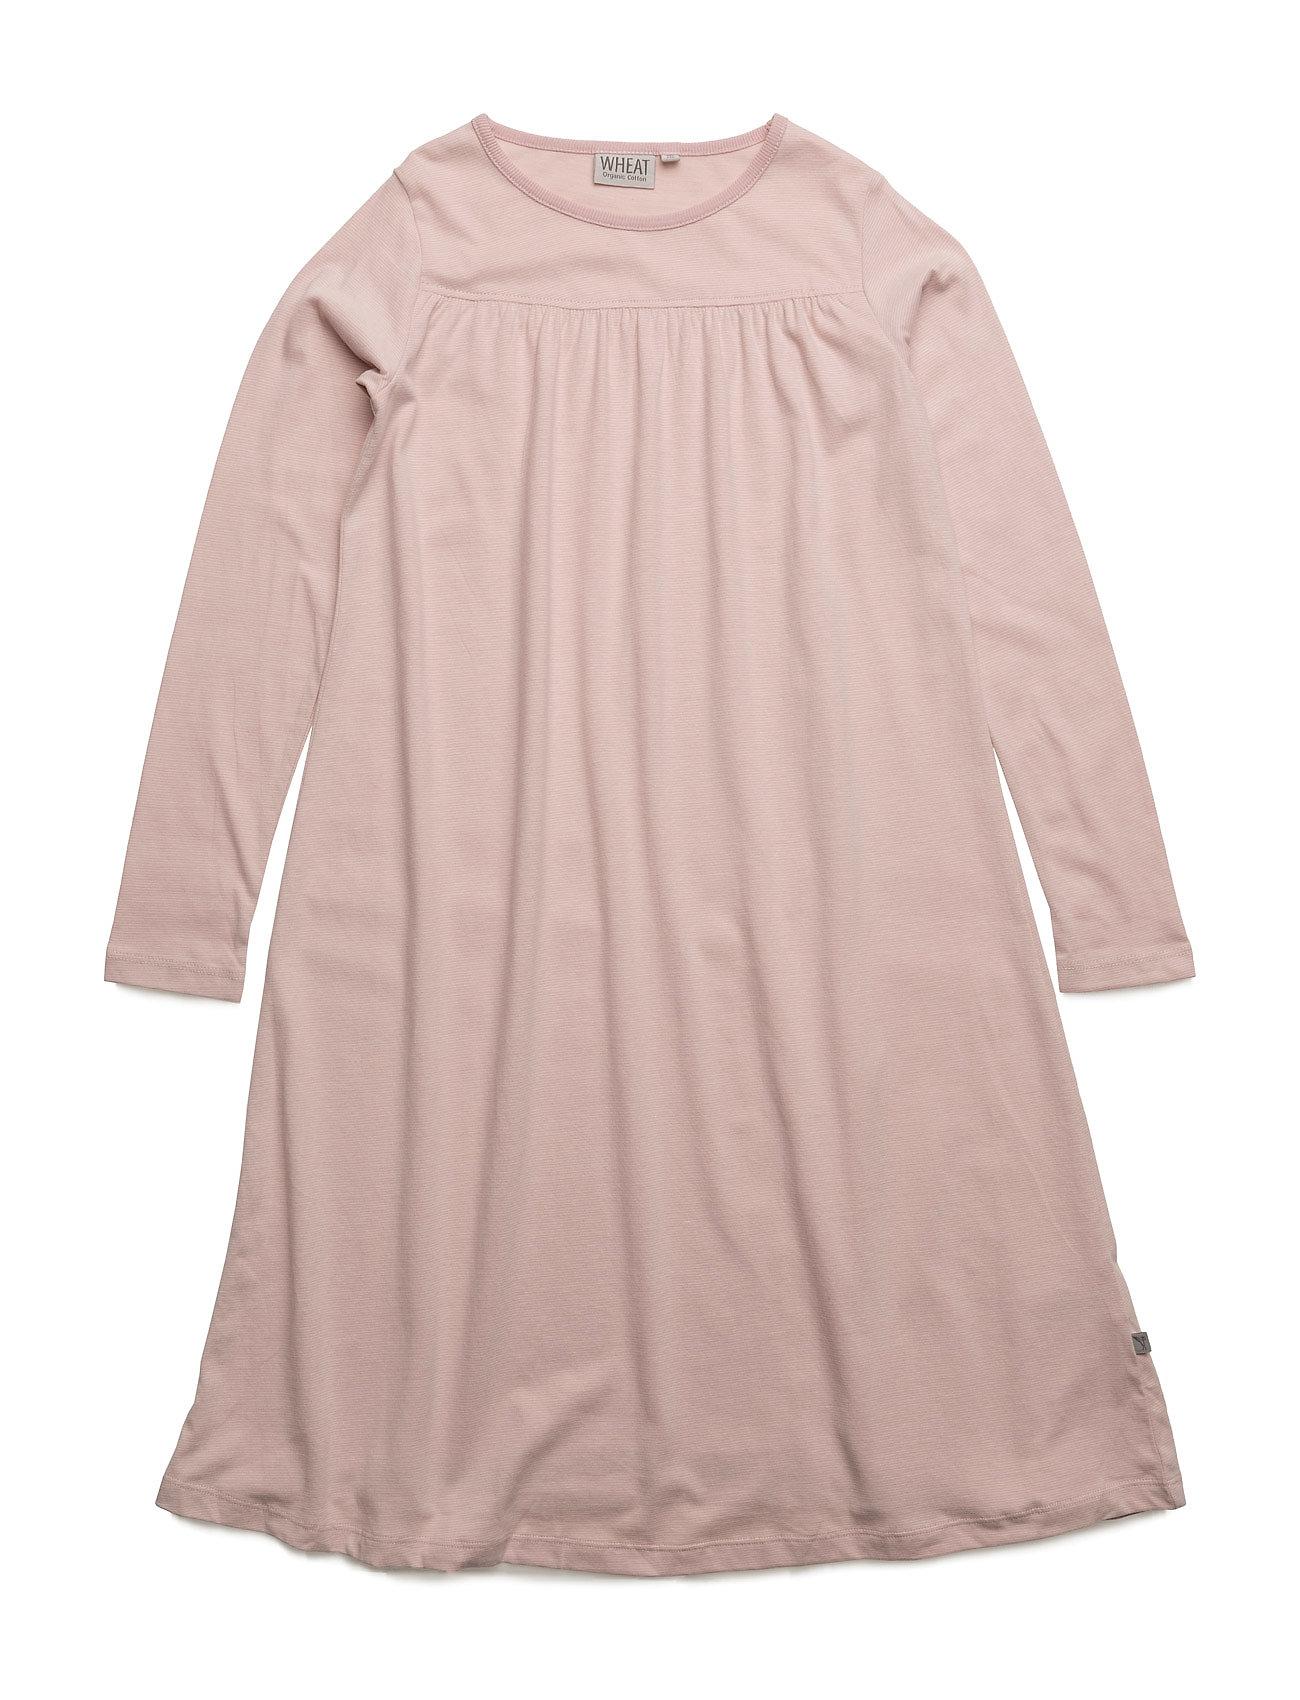 Nightgown Yoke Ls Wheat Kjoler til Børn i Mørk Rose